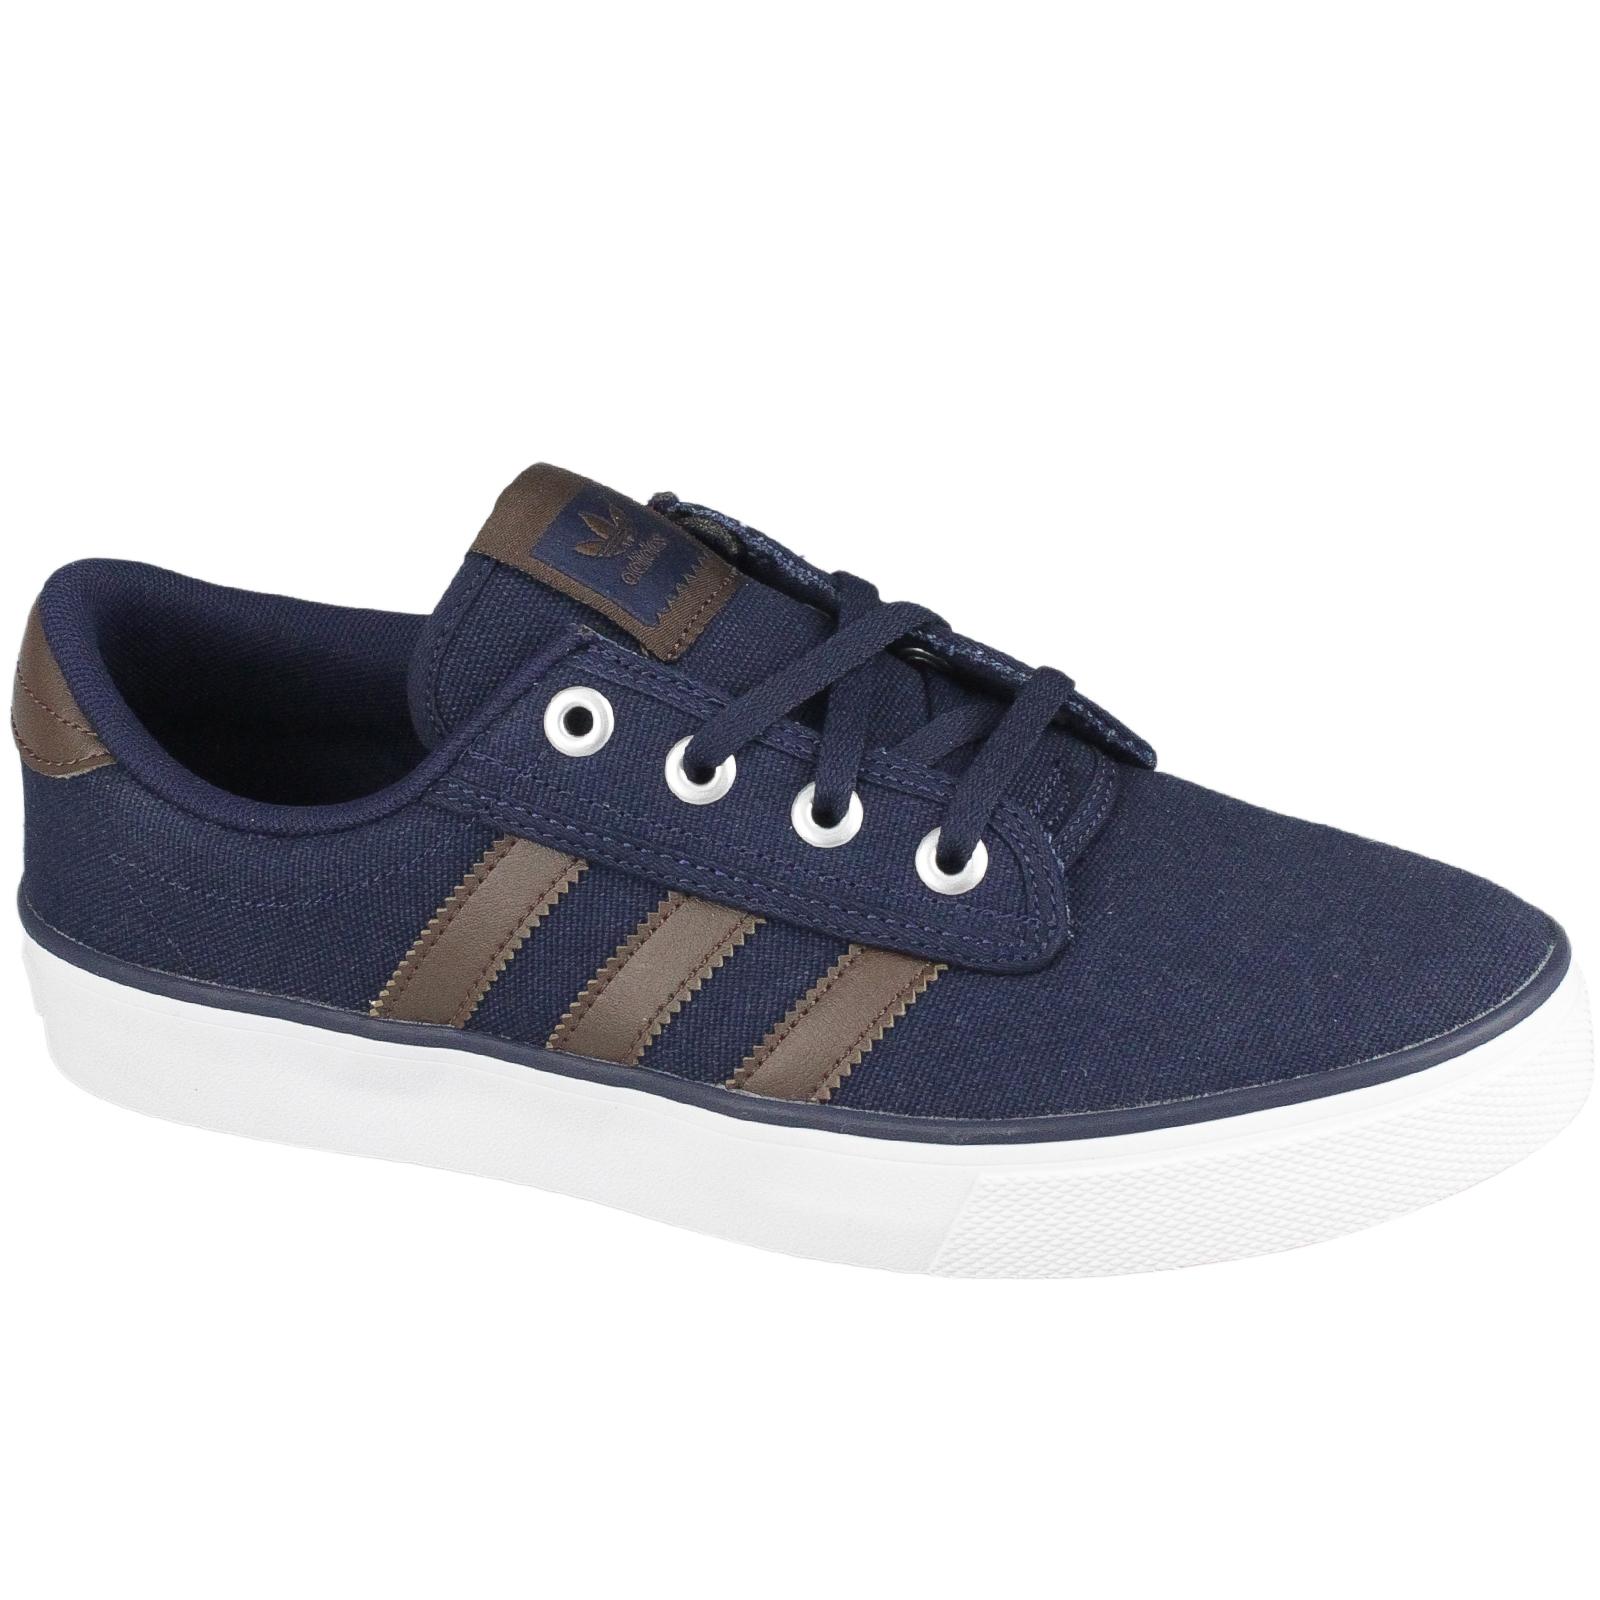 pretty nice 63c78 d757c Pantofi sport unisex adidas Originals Kiel CQ1089 - Glami.ro